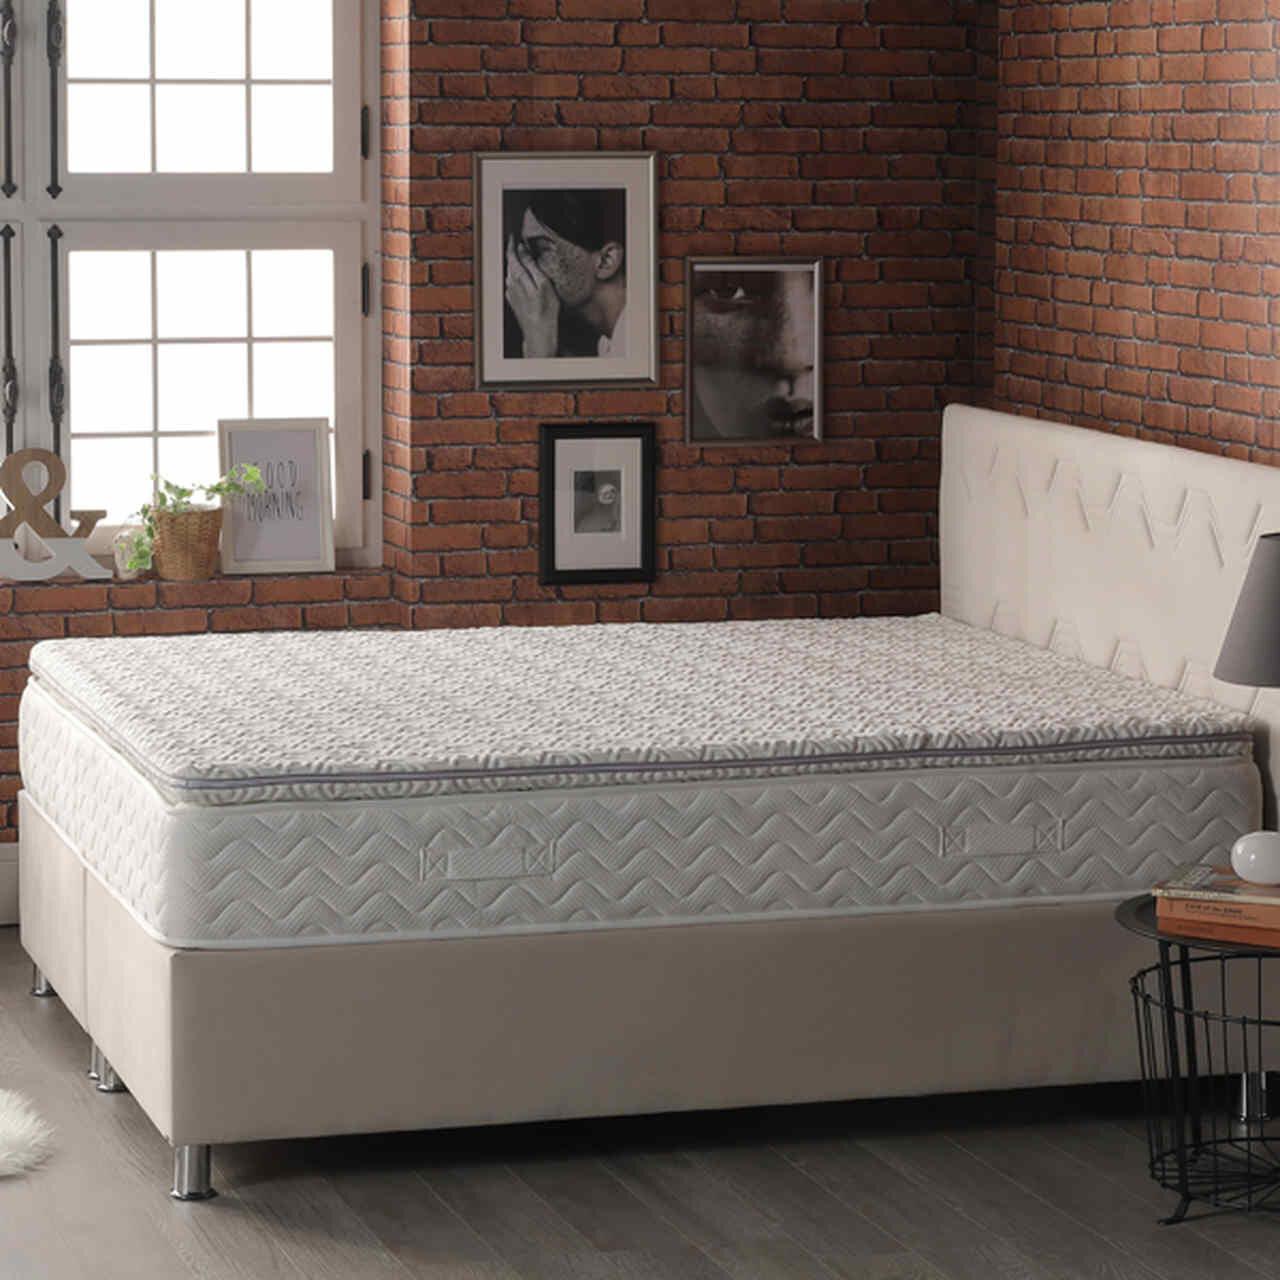 Yatak Pedi Ne Işe Yarar? Uyku Pedi Hakkında Bilmeniz Gerekenler